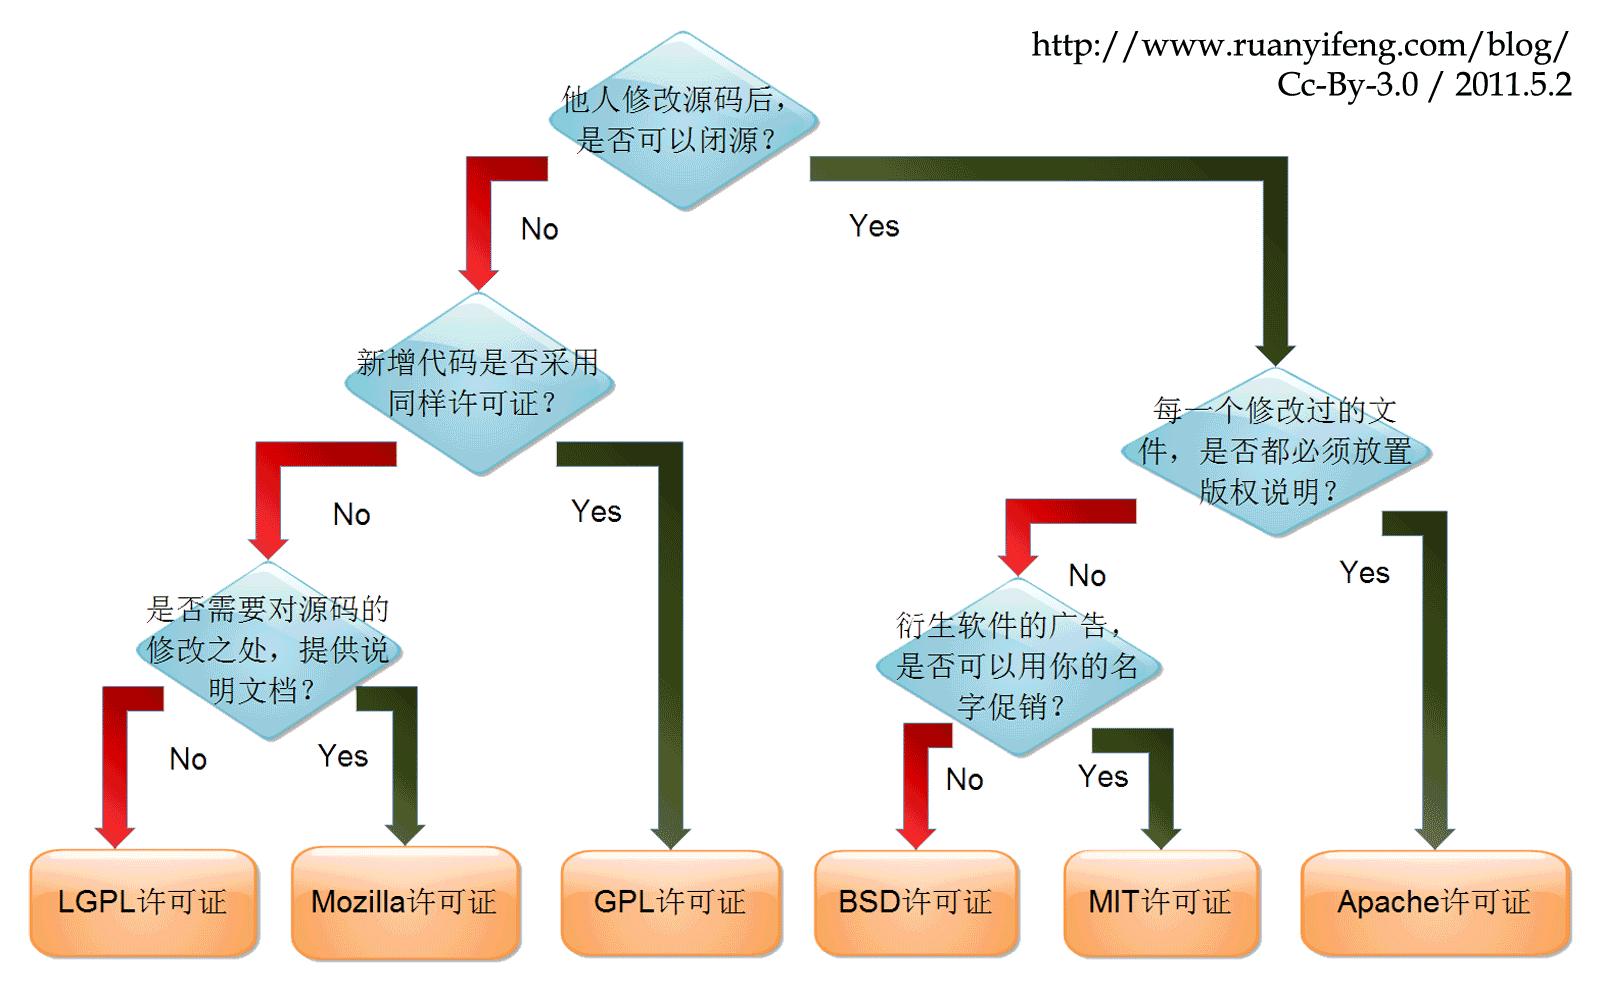 开源协议的选择